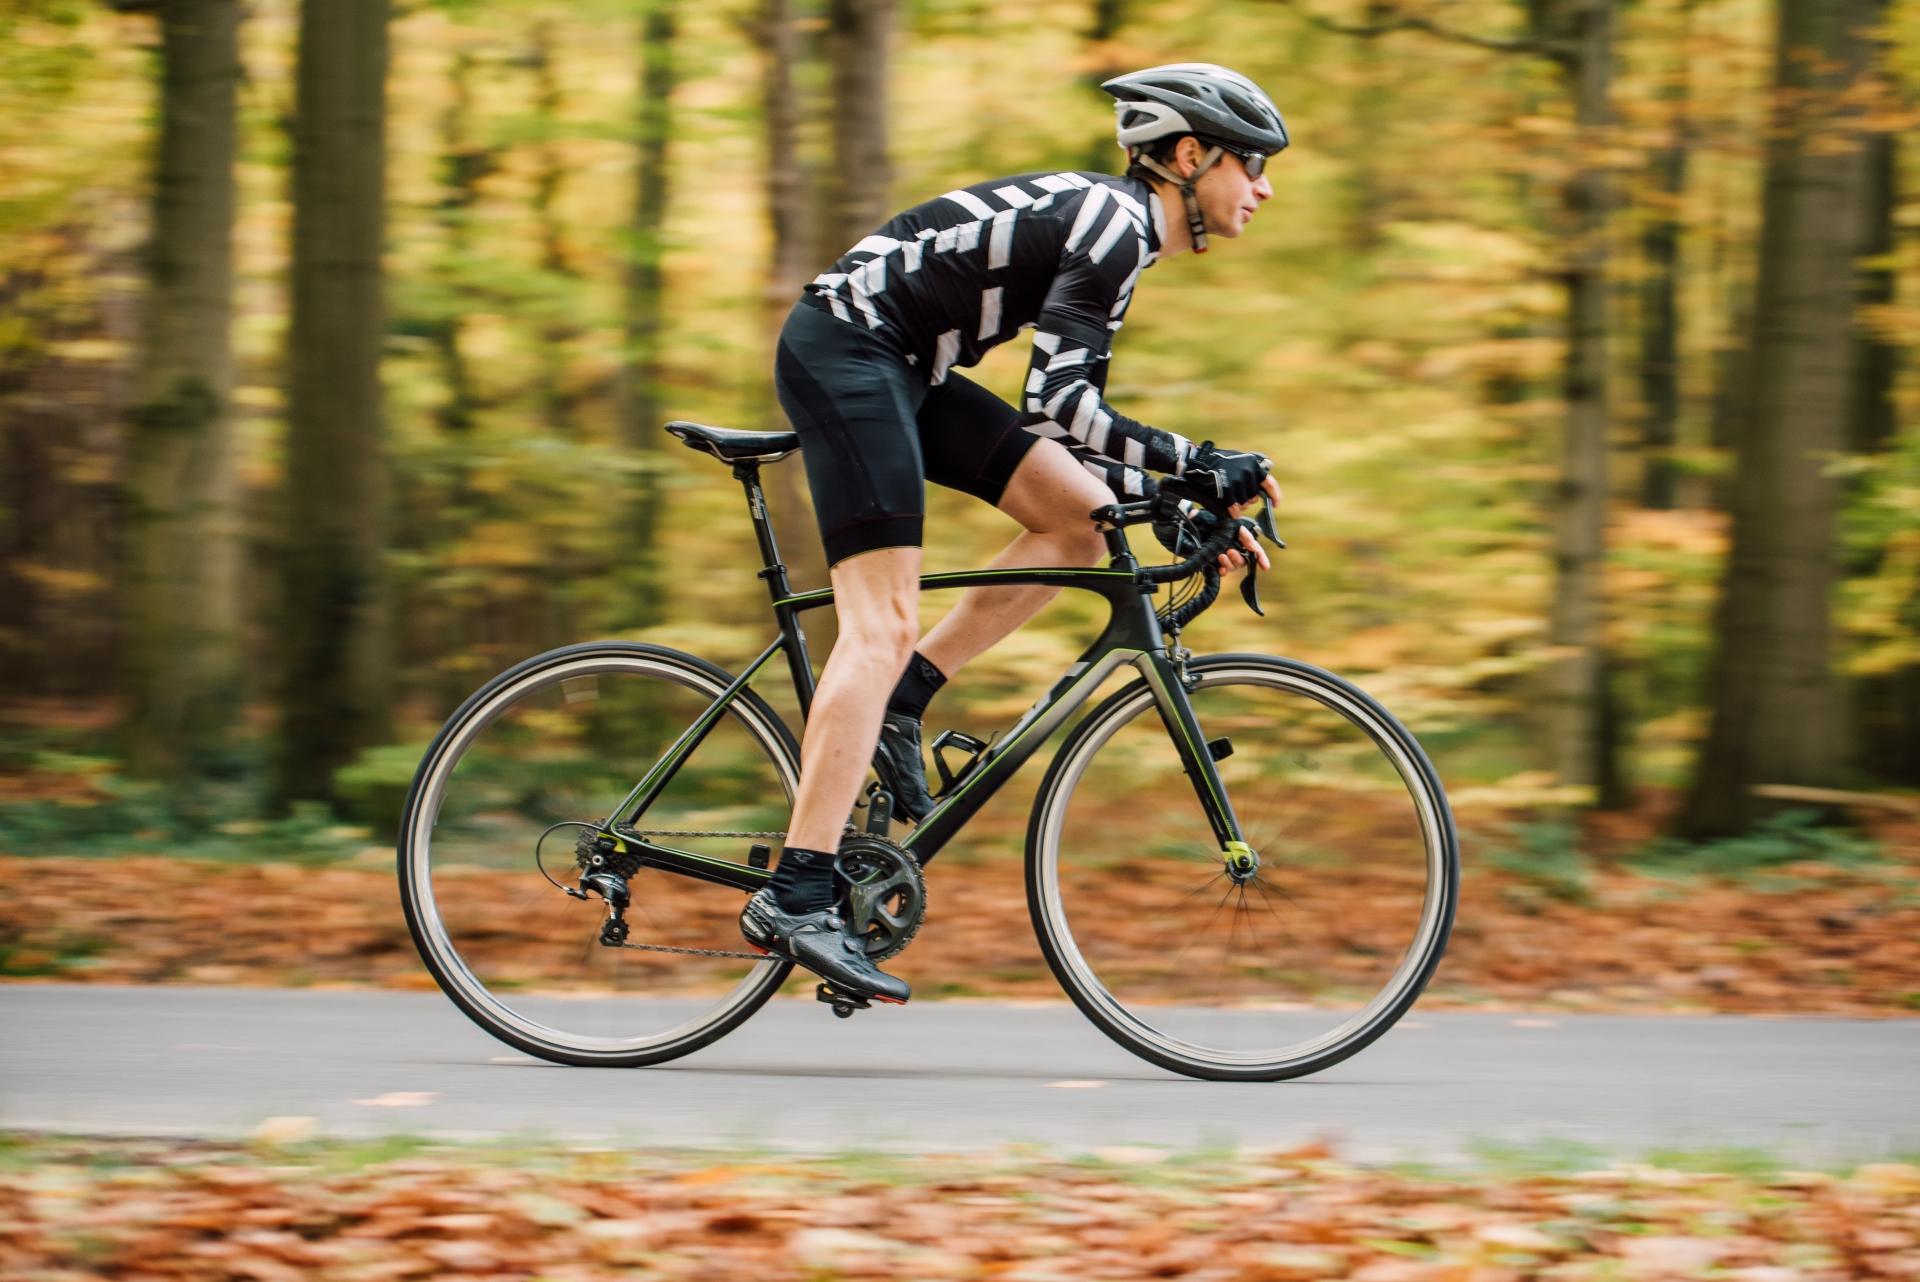 自転車用ヘルメットのおすすめ7選!おしゃれなカブトやカスクも